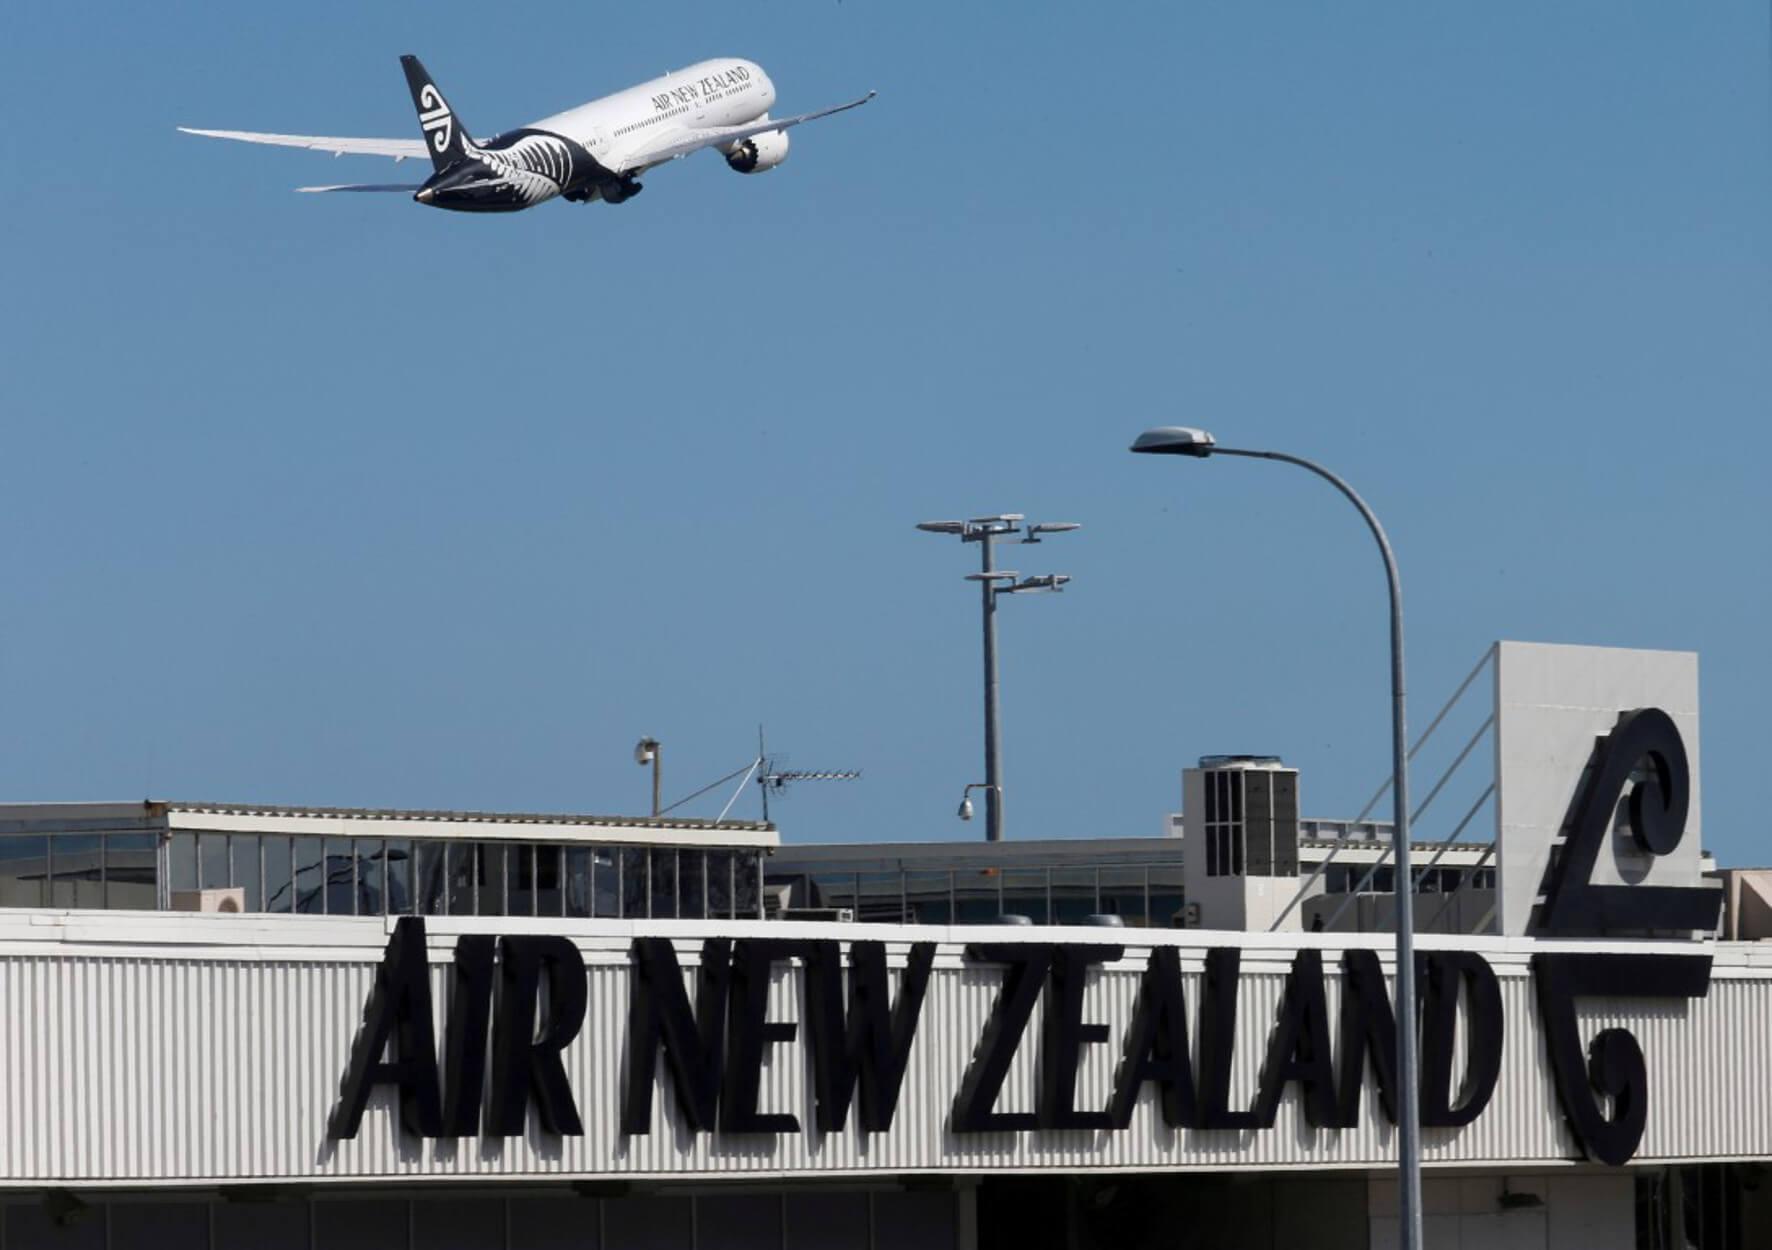 Συναγερμός ξανά στην Νέα Ζηλανδία – Έκλεισε το αεροδρόμιο του Ντούνεντιν